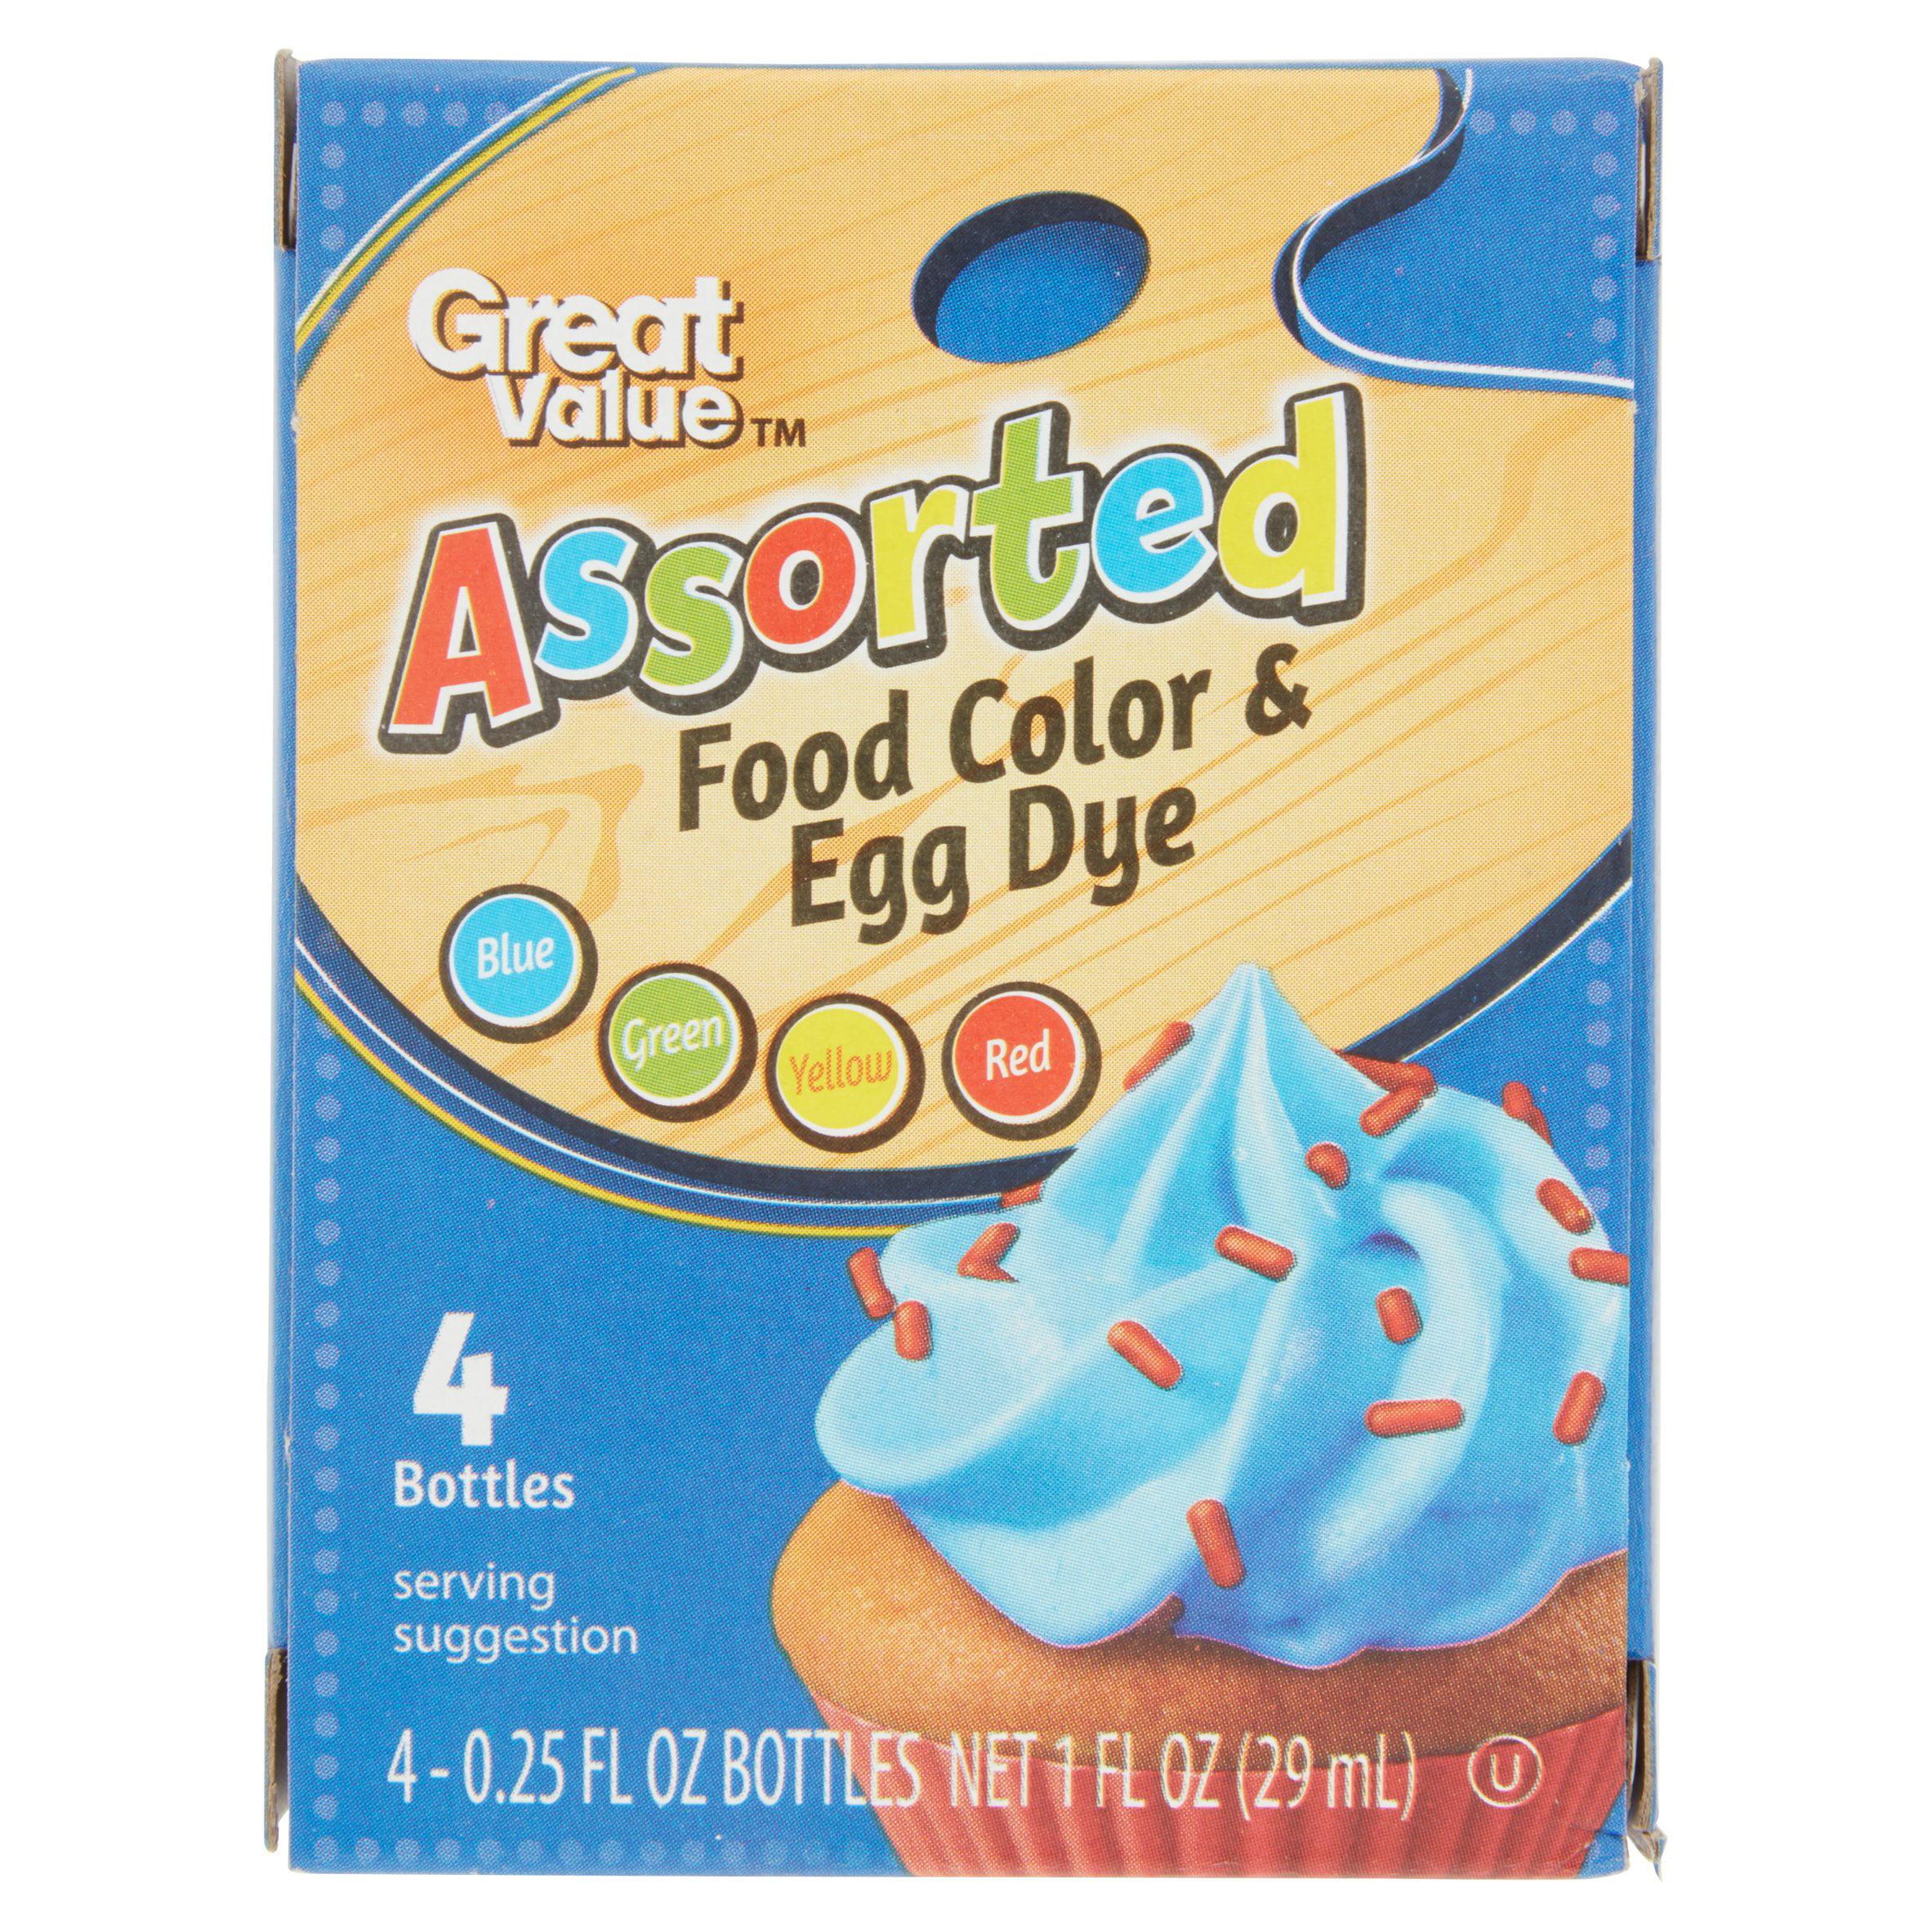 Great Value Assorted Food Color & Egg Dye, 1 oz - Walmart.com